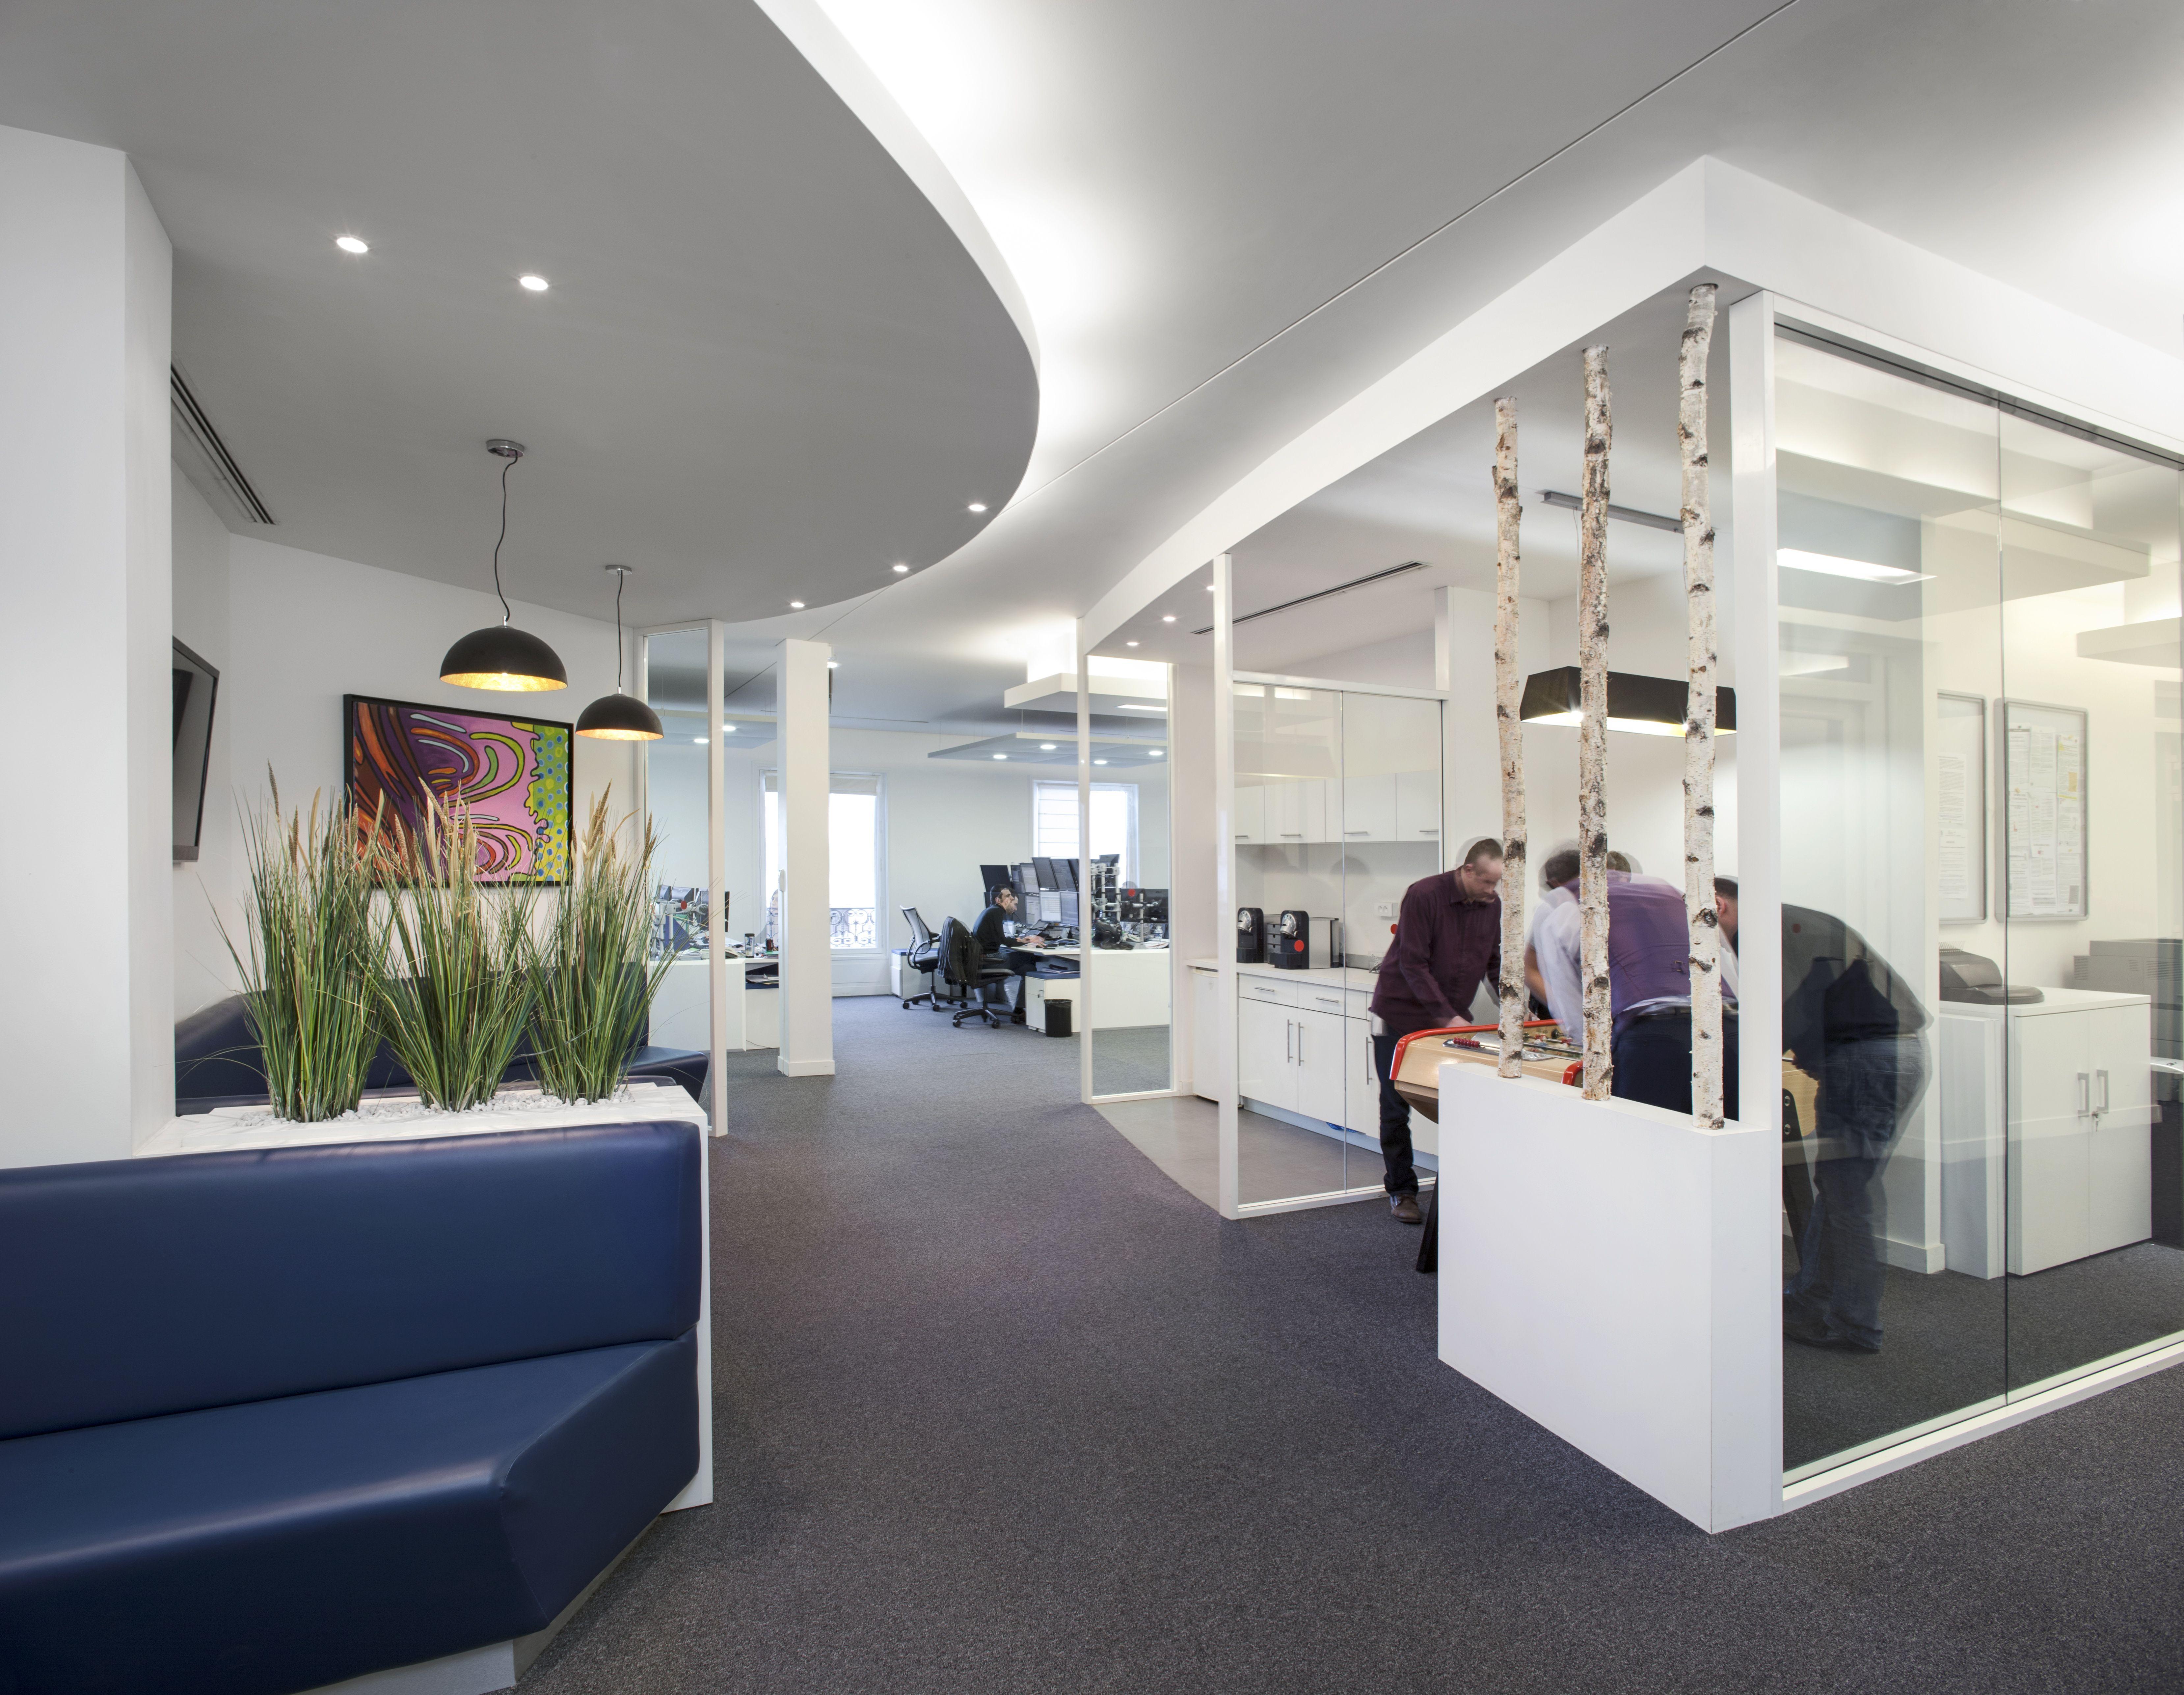 cr er une ambiance calme et design au sein de vos bureaux d 39 entreprises c 39 est possible 5. Black Bedroom Furniture Sets. Home Design Ideas